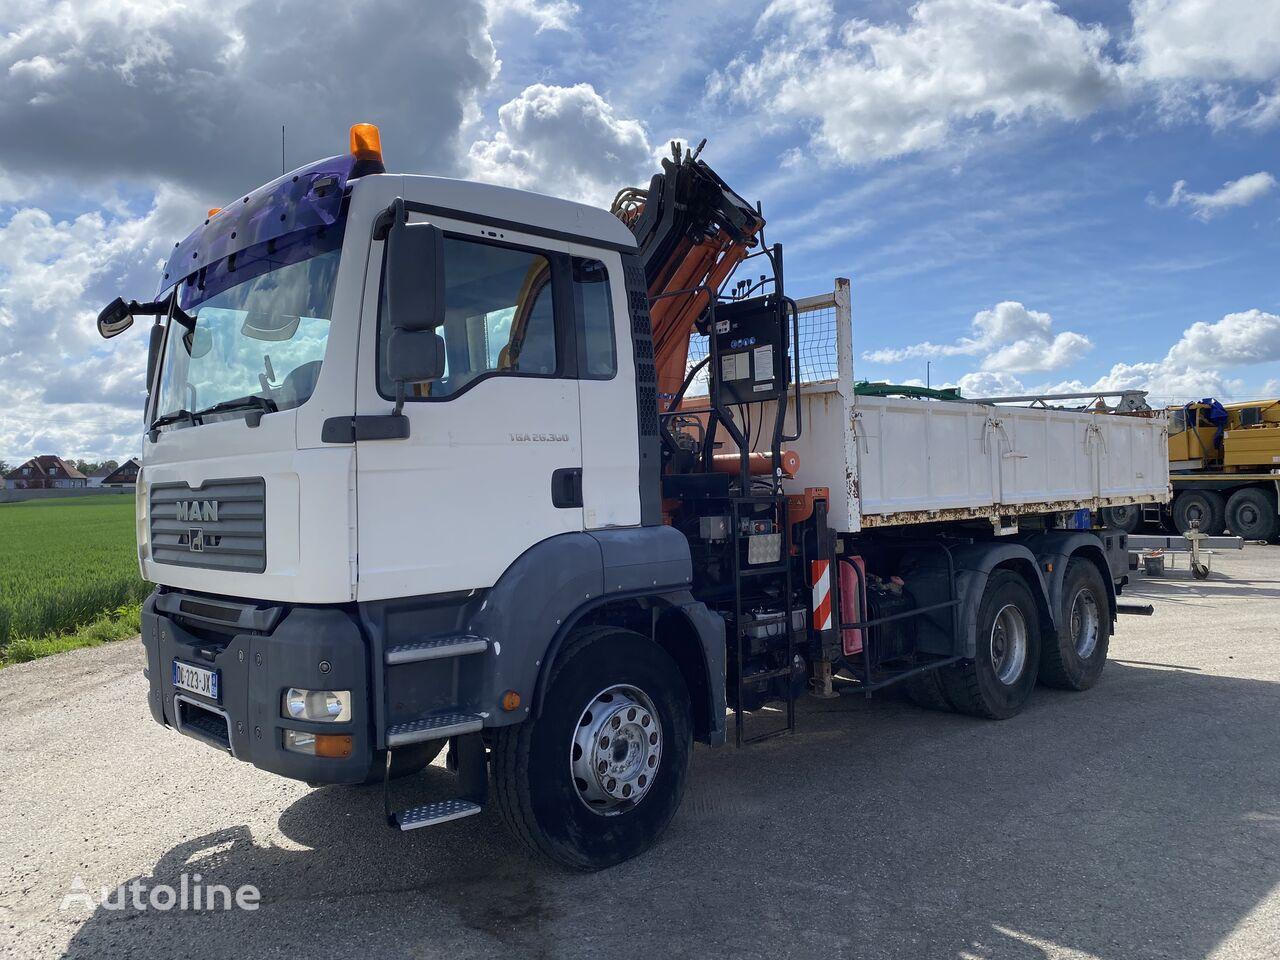 MAN TGA 26.360 /TEREX 165.2 dump truck